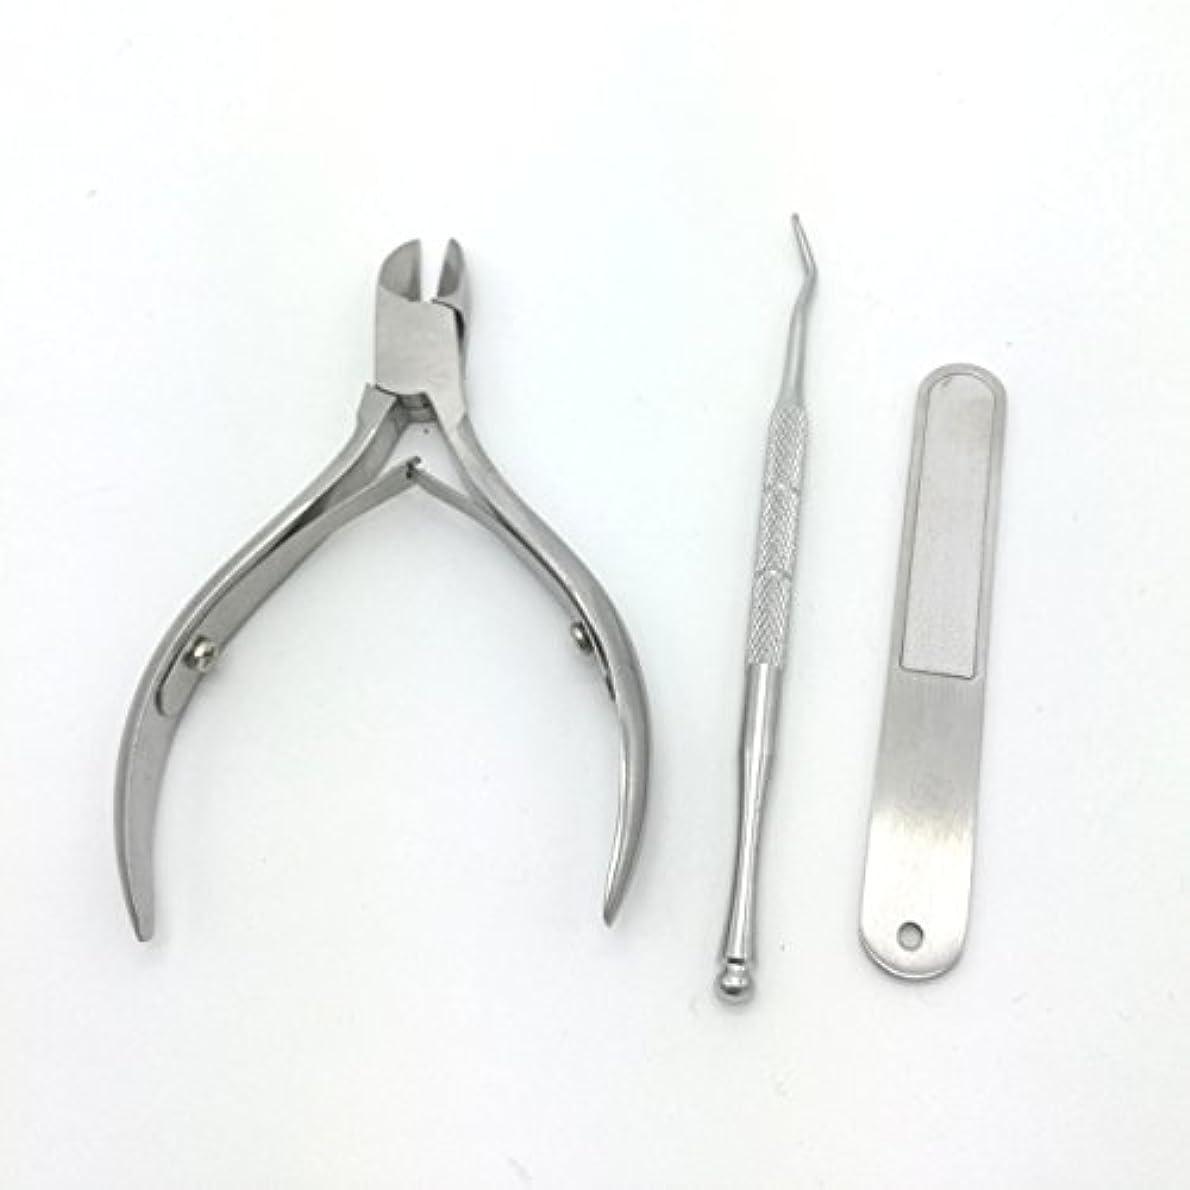 太陽希少性期間爪切り 改良版ニッパー爪切り ステンレス製 ニッパー式爪切り ネイルニッパー 爪やすり、ゾンデ付き お年寄りプレゼント 贈答ケース付属